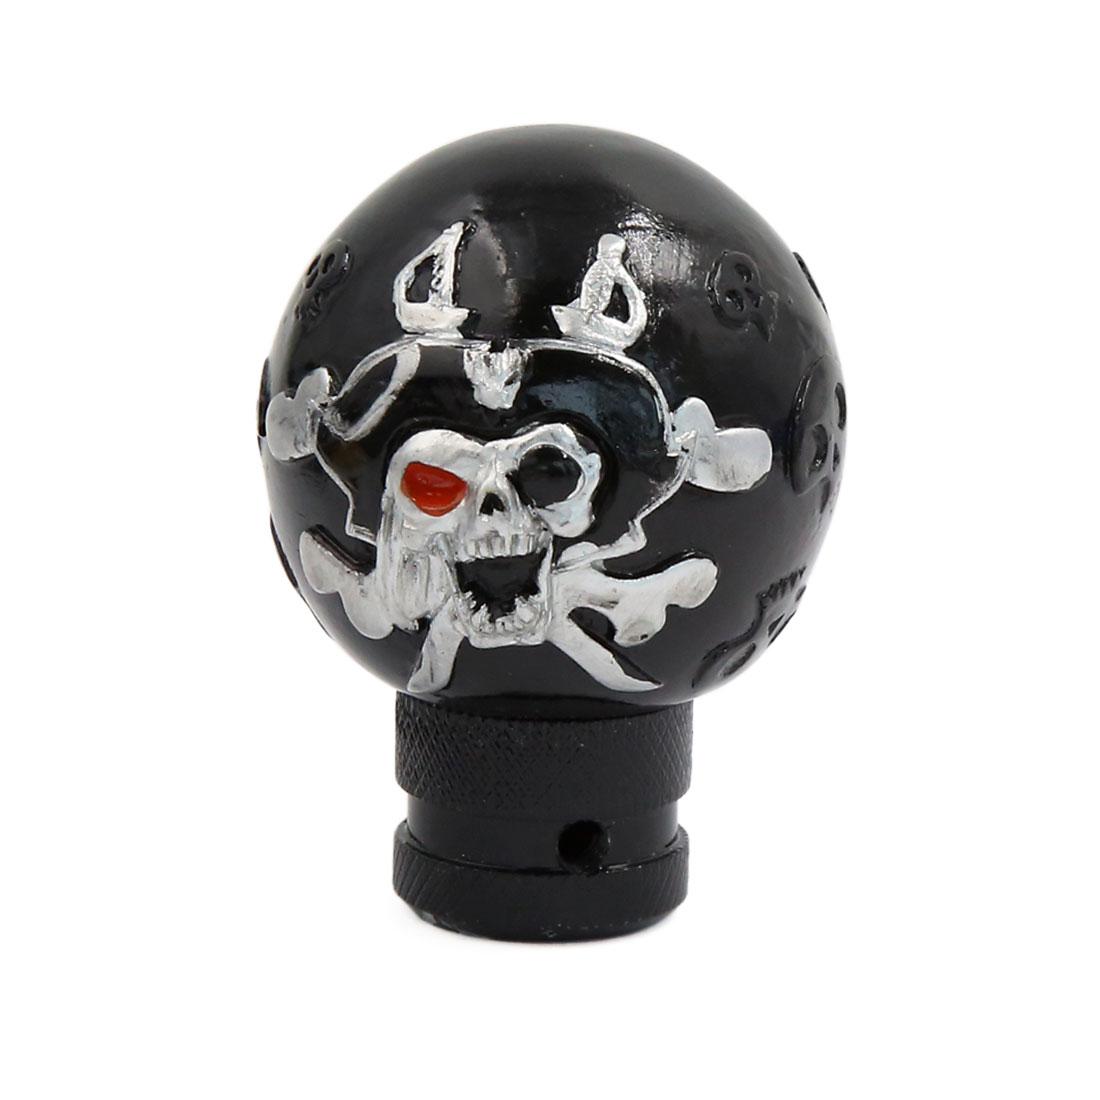 Black Skull Head Design Gear Shift Lever Knob for Auto Car Vehicle